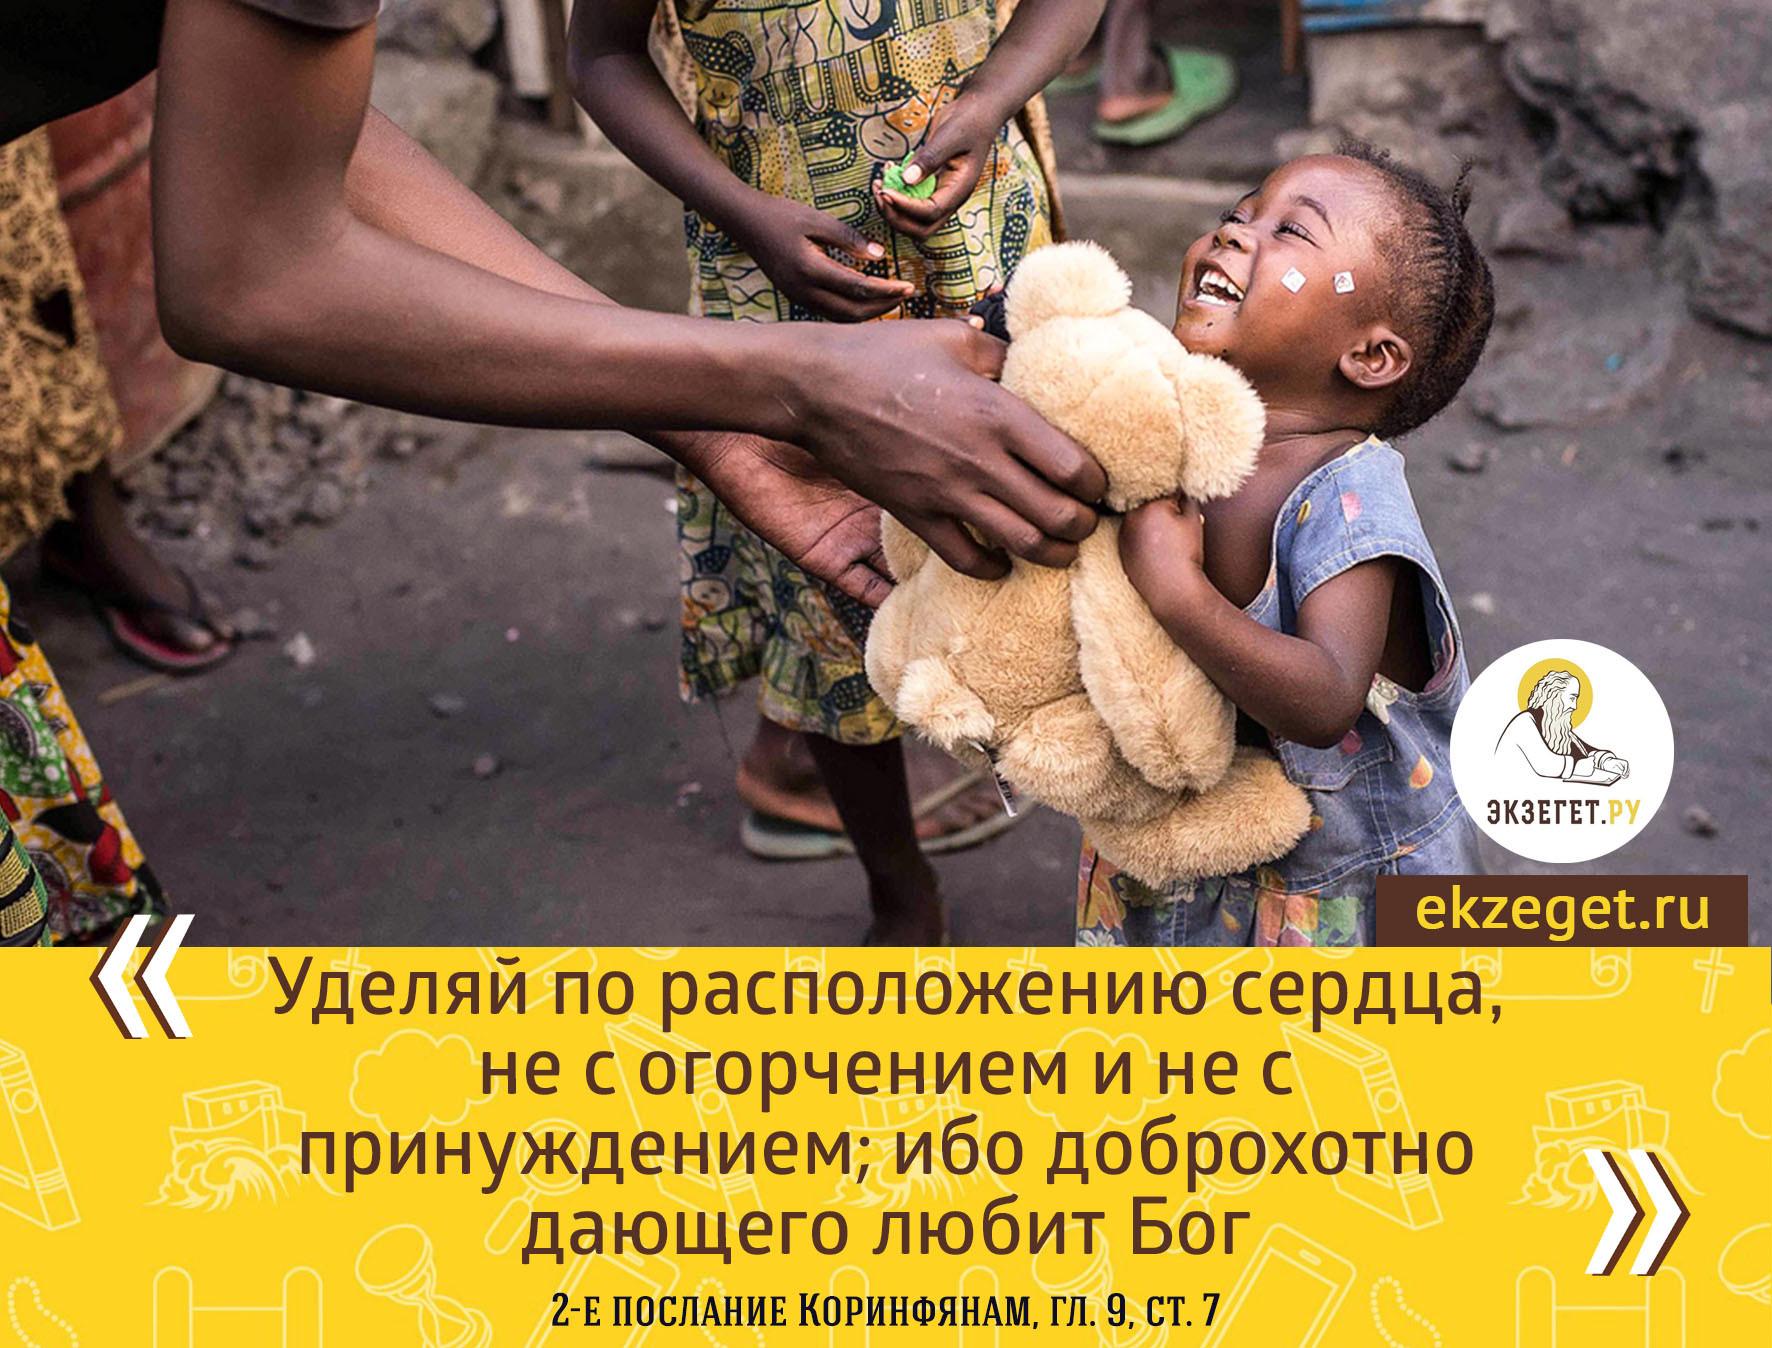 2 Кор. 9:7 Каждый уделяй по расположению сердца, не с огорчением и не с принуждением; ибо доброхотно дающего любит Бог.